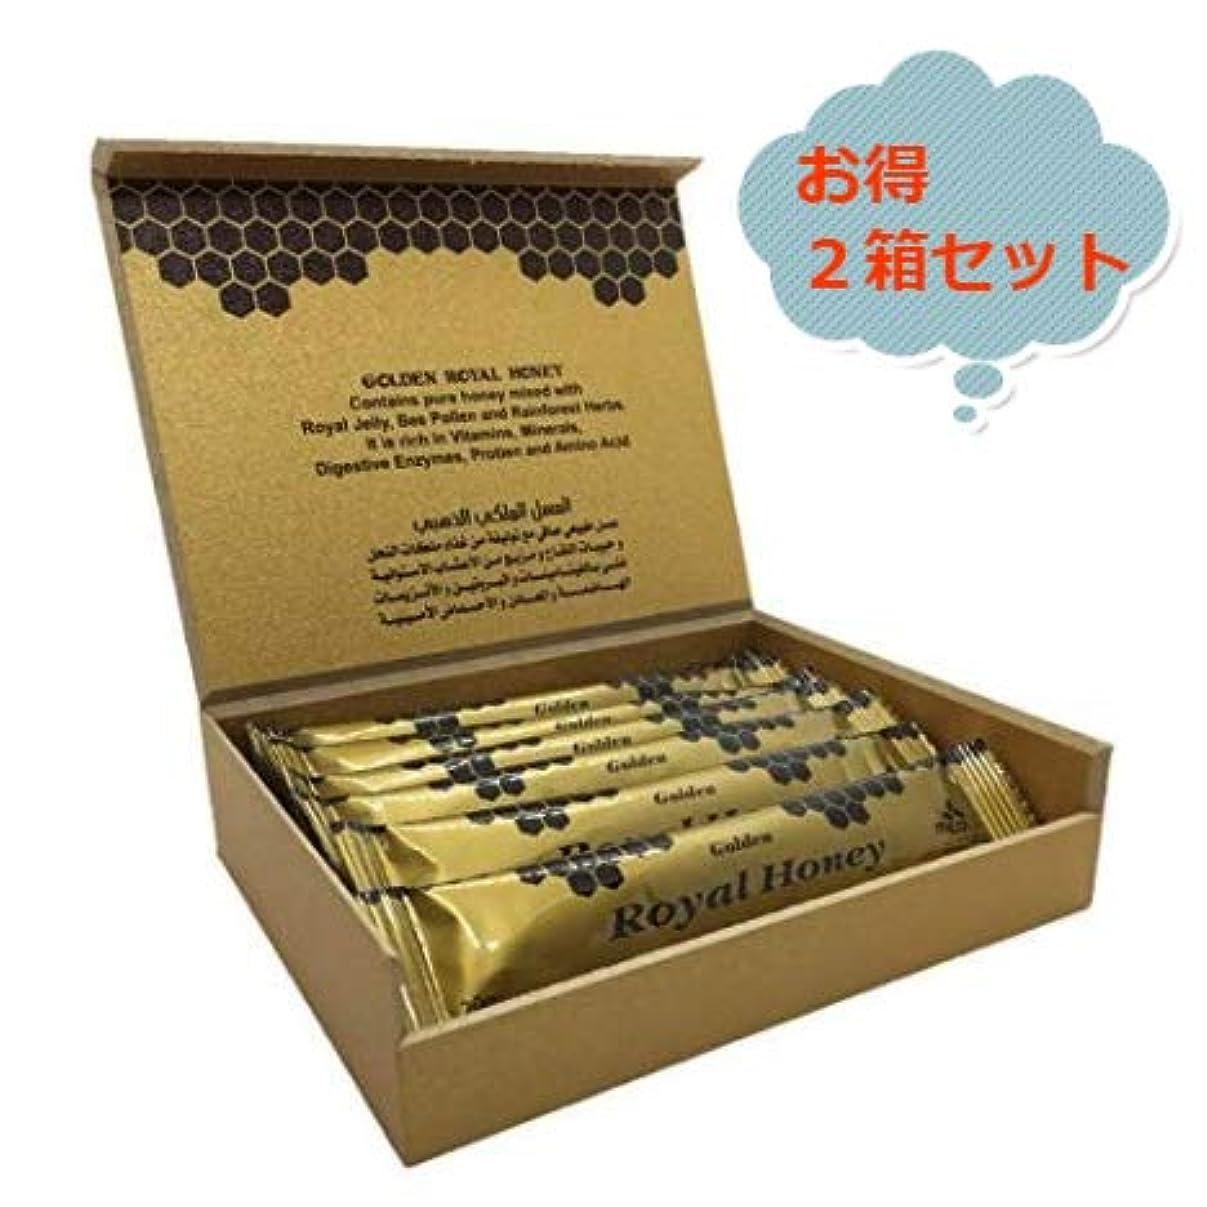 部門意図的オレンジゴールデンロイヤルハニー Golden Royal Honey 20g×12袋入 お得2箱セット【海外直送品】